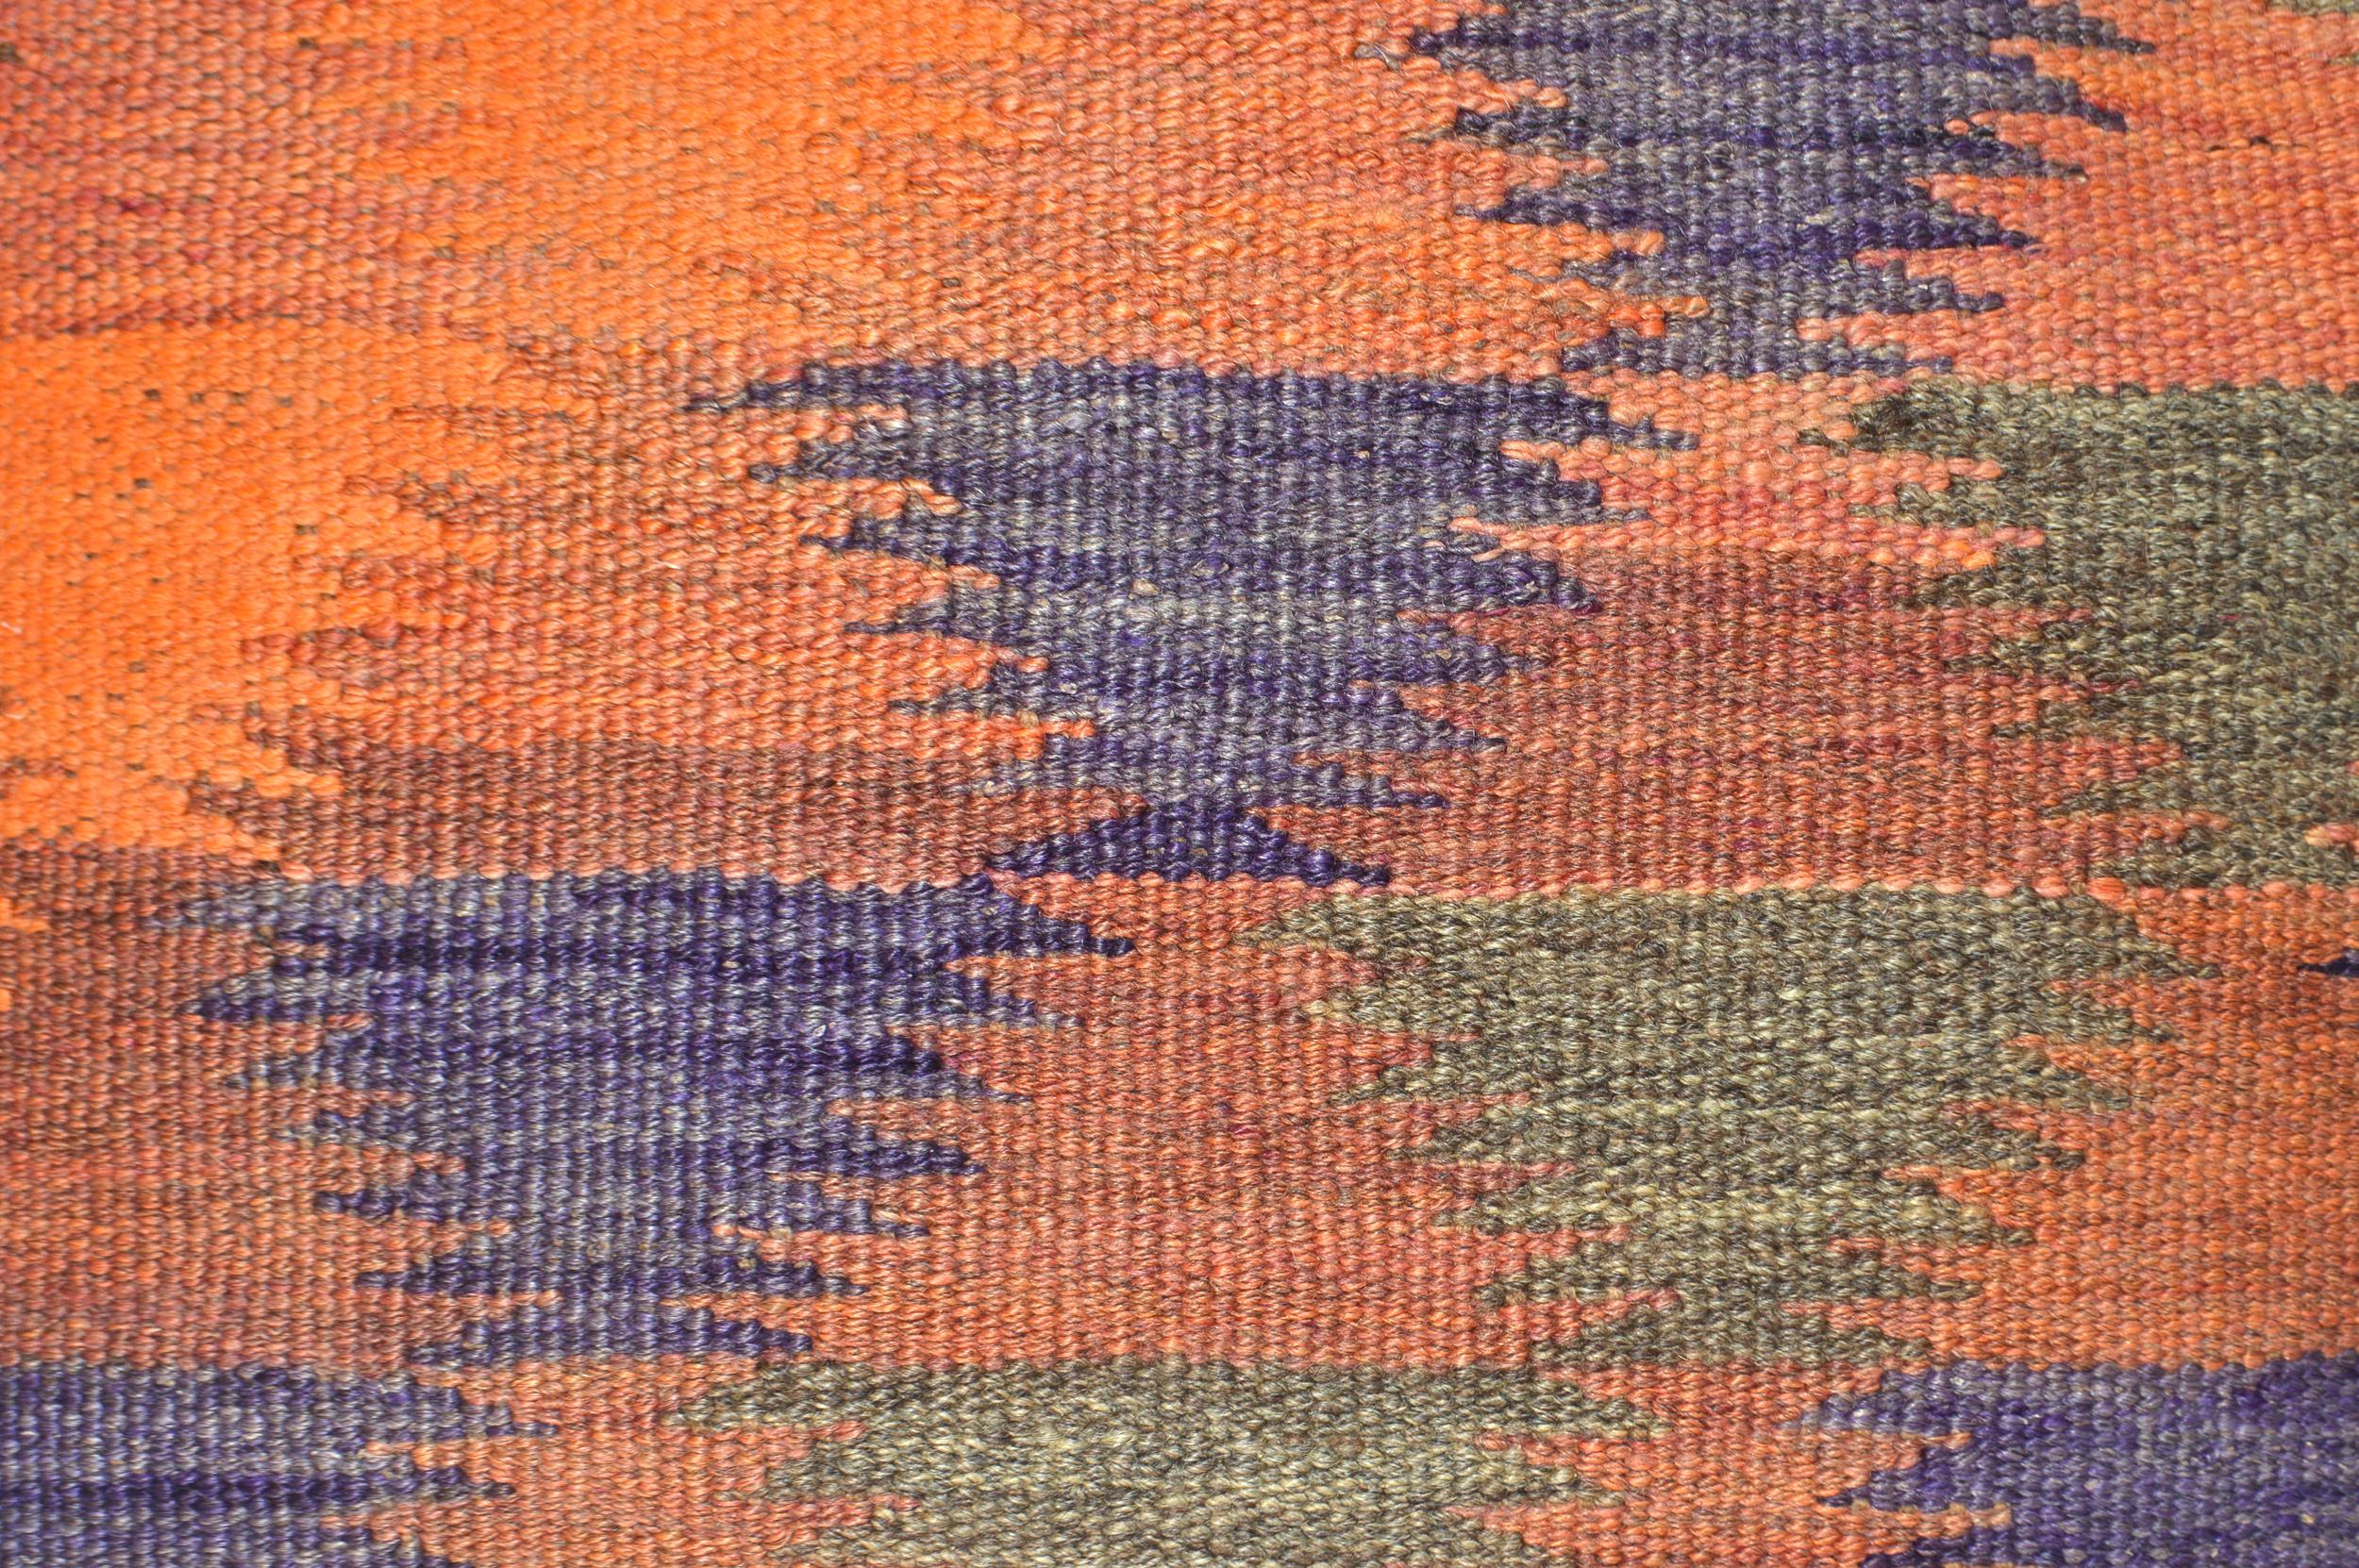 Orientalische Antik Kelim Kissen Unikat aus Wolle, handgewebte Dekokissen, Vintage AKS 012 Größe 40 x 40 cm